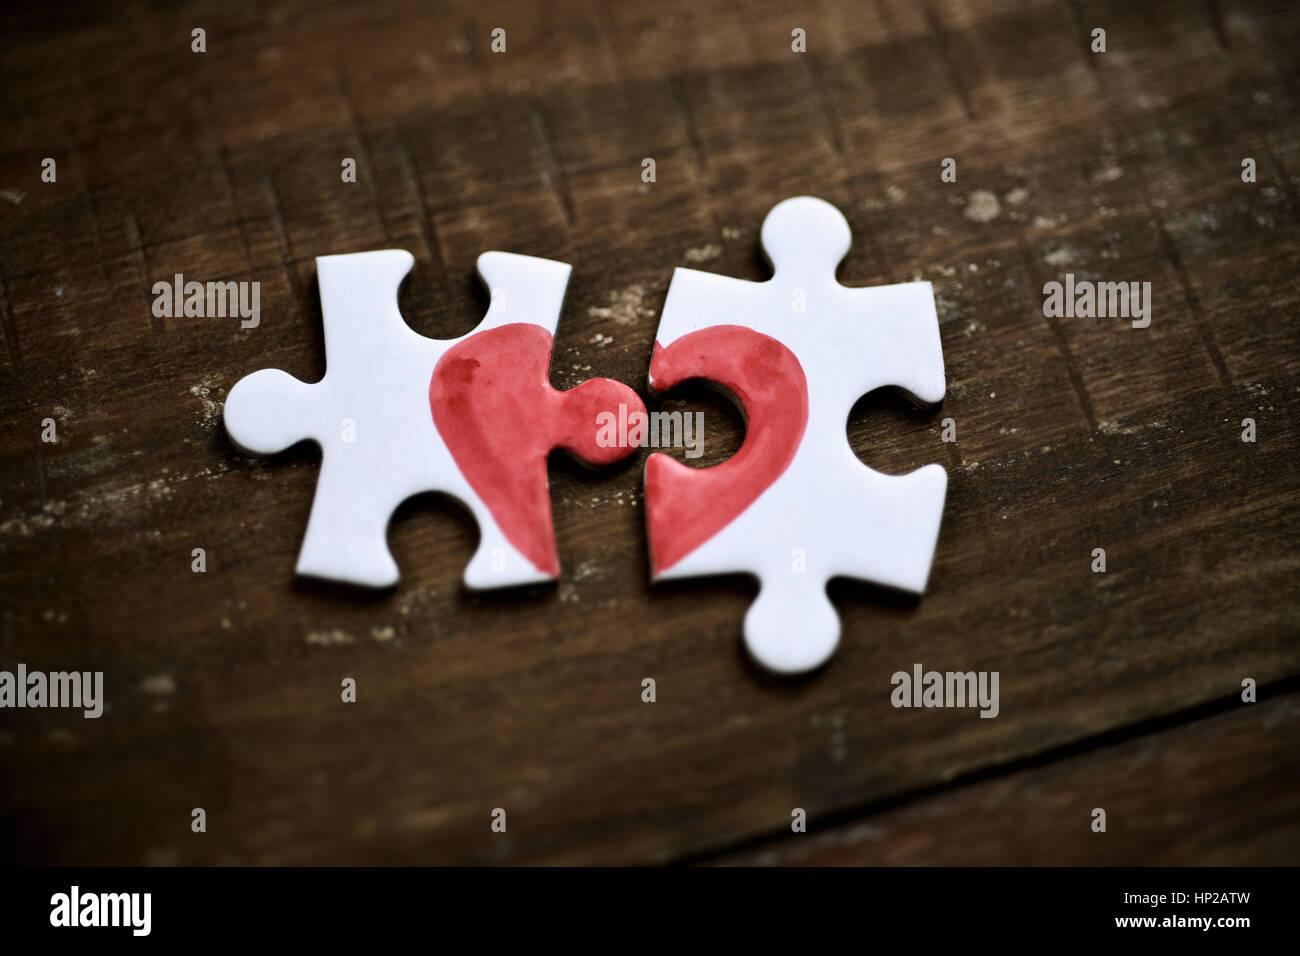 Primer plano de dos piezas separadas de un rompecabezas que juntos forman un corazón sobre una superficie de Imagen De Stock